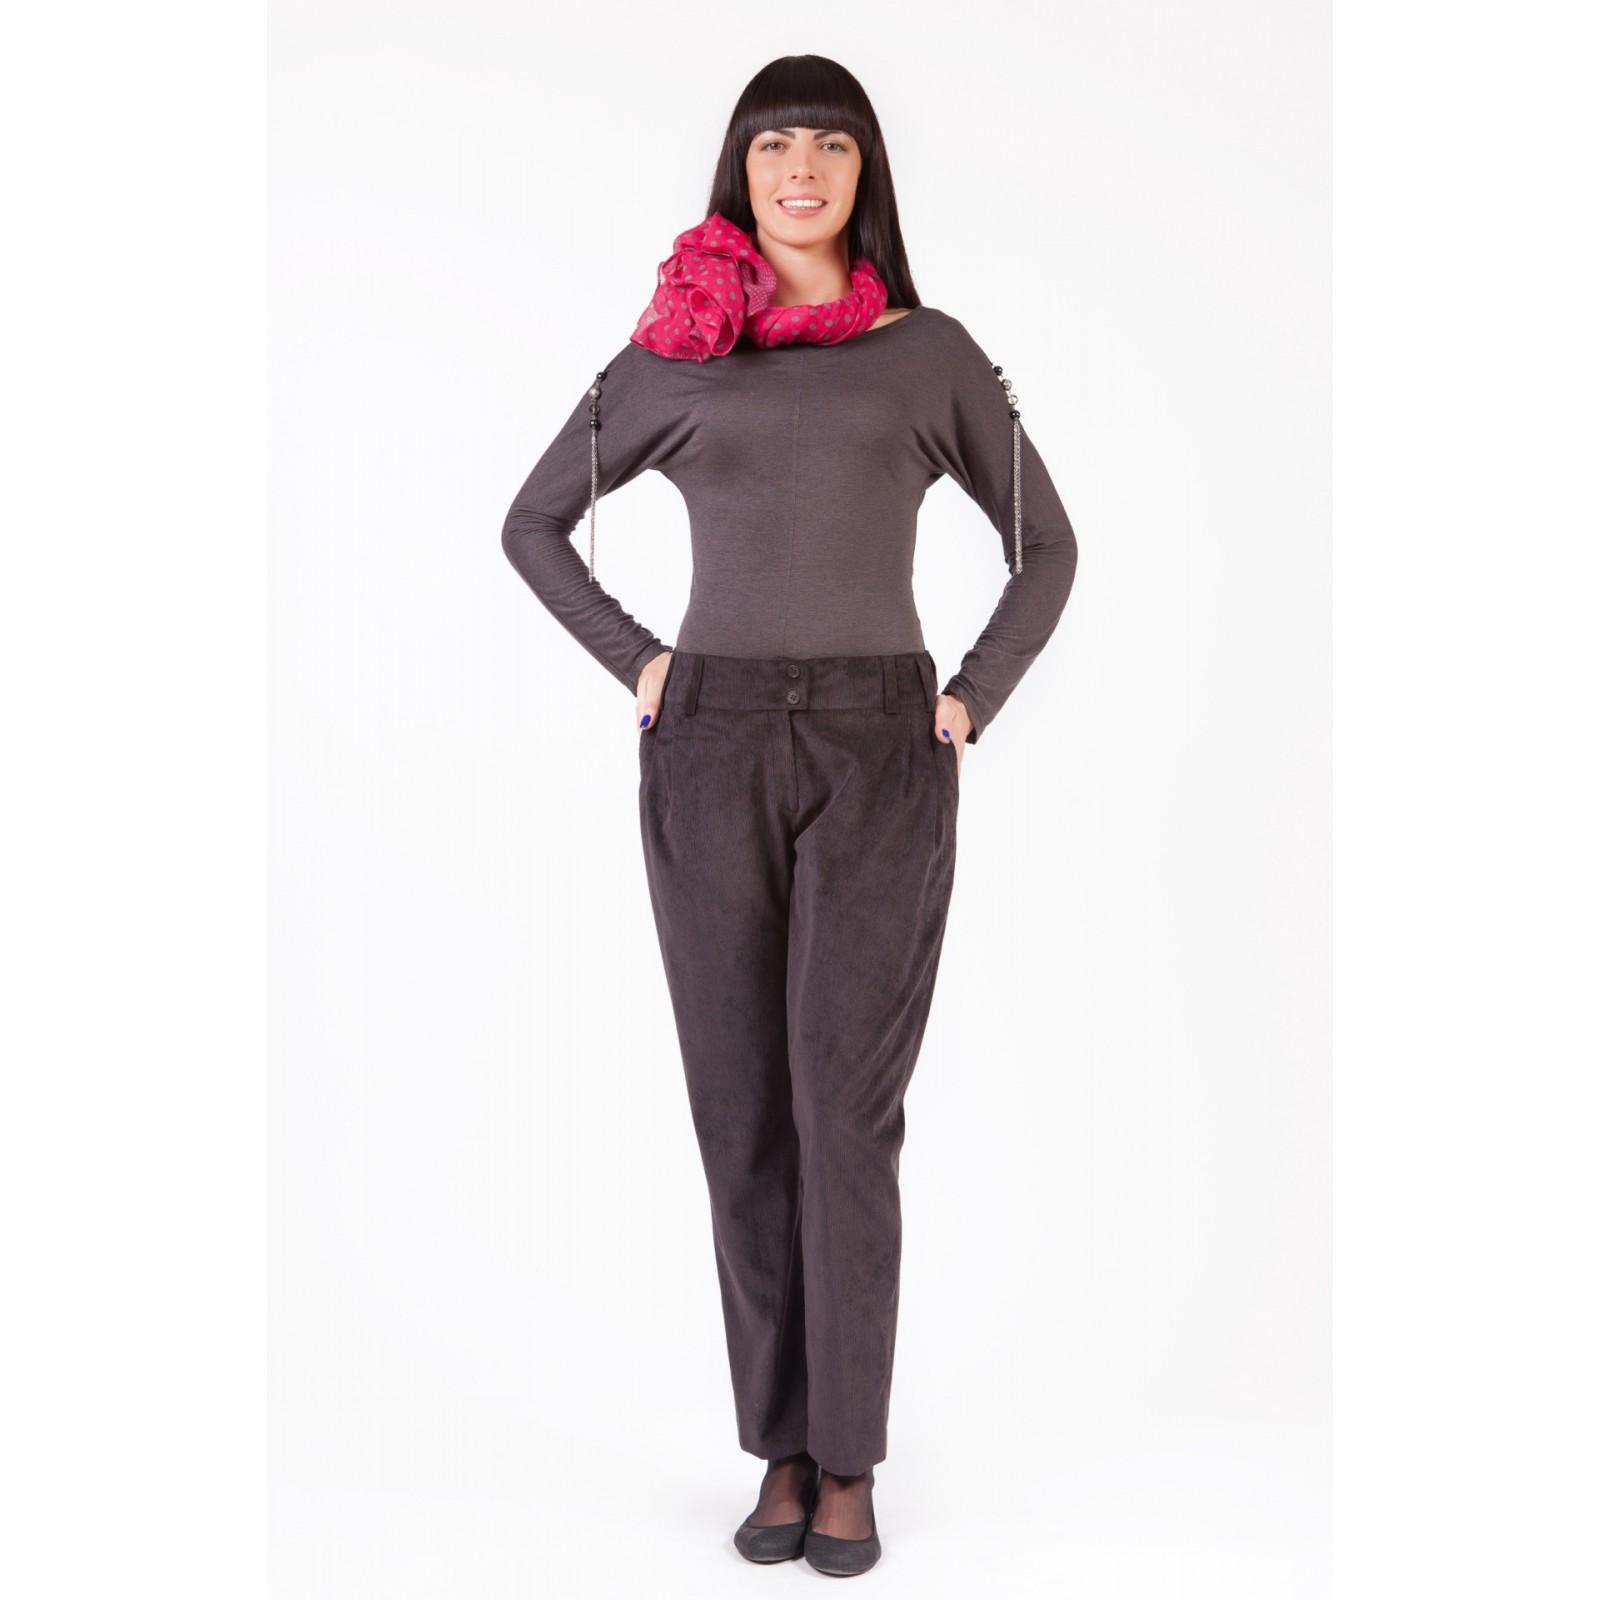 Модели брюк для широких бедер с фото